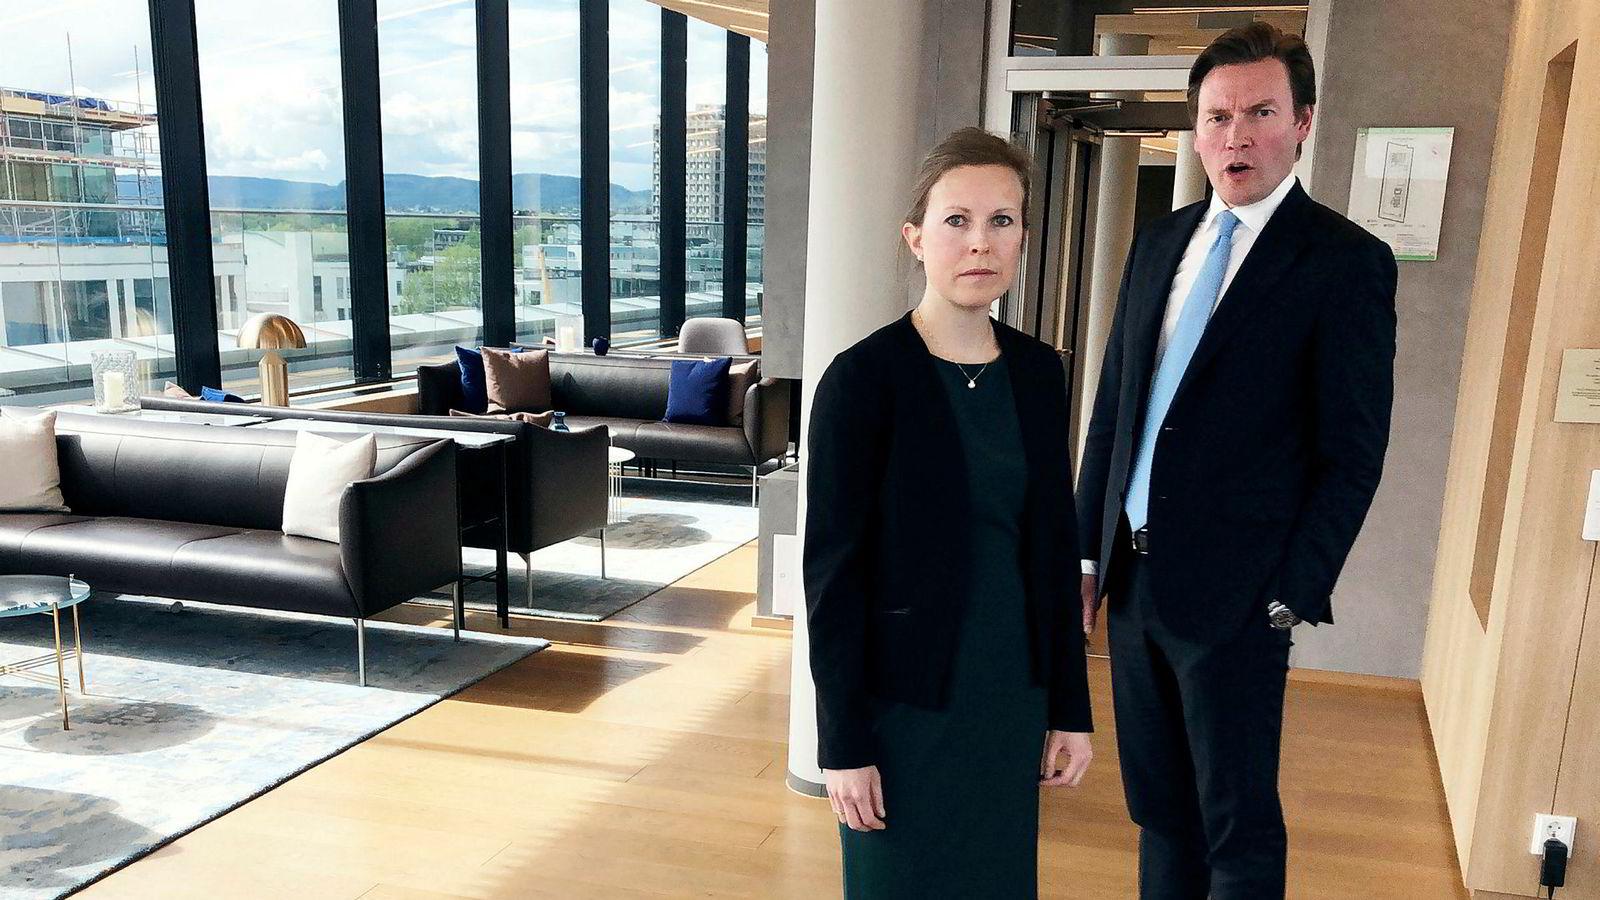 Caroline Skaar Landsværk og Tormod Ludvik Nilsen i Wikborg Rein Advokatfirma har representert utenlandske investorer i norske vindkraftoppkjøp. De advarer mot å skape politisk risiko i Norge.